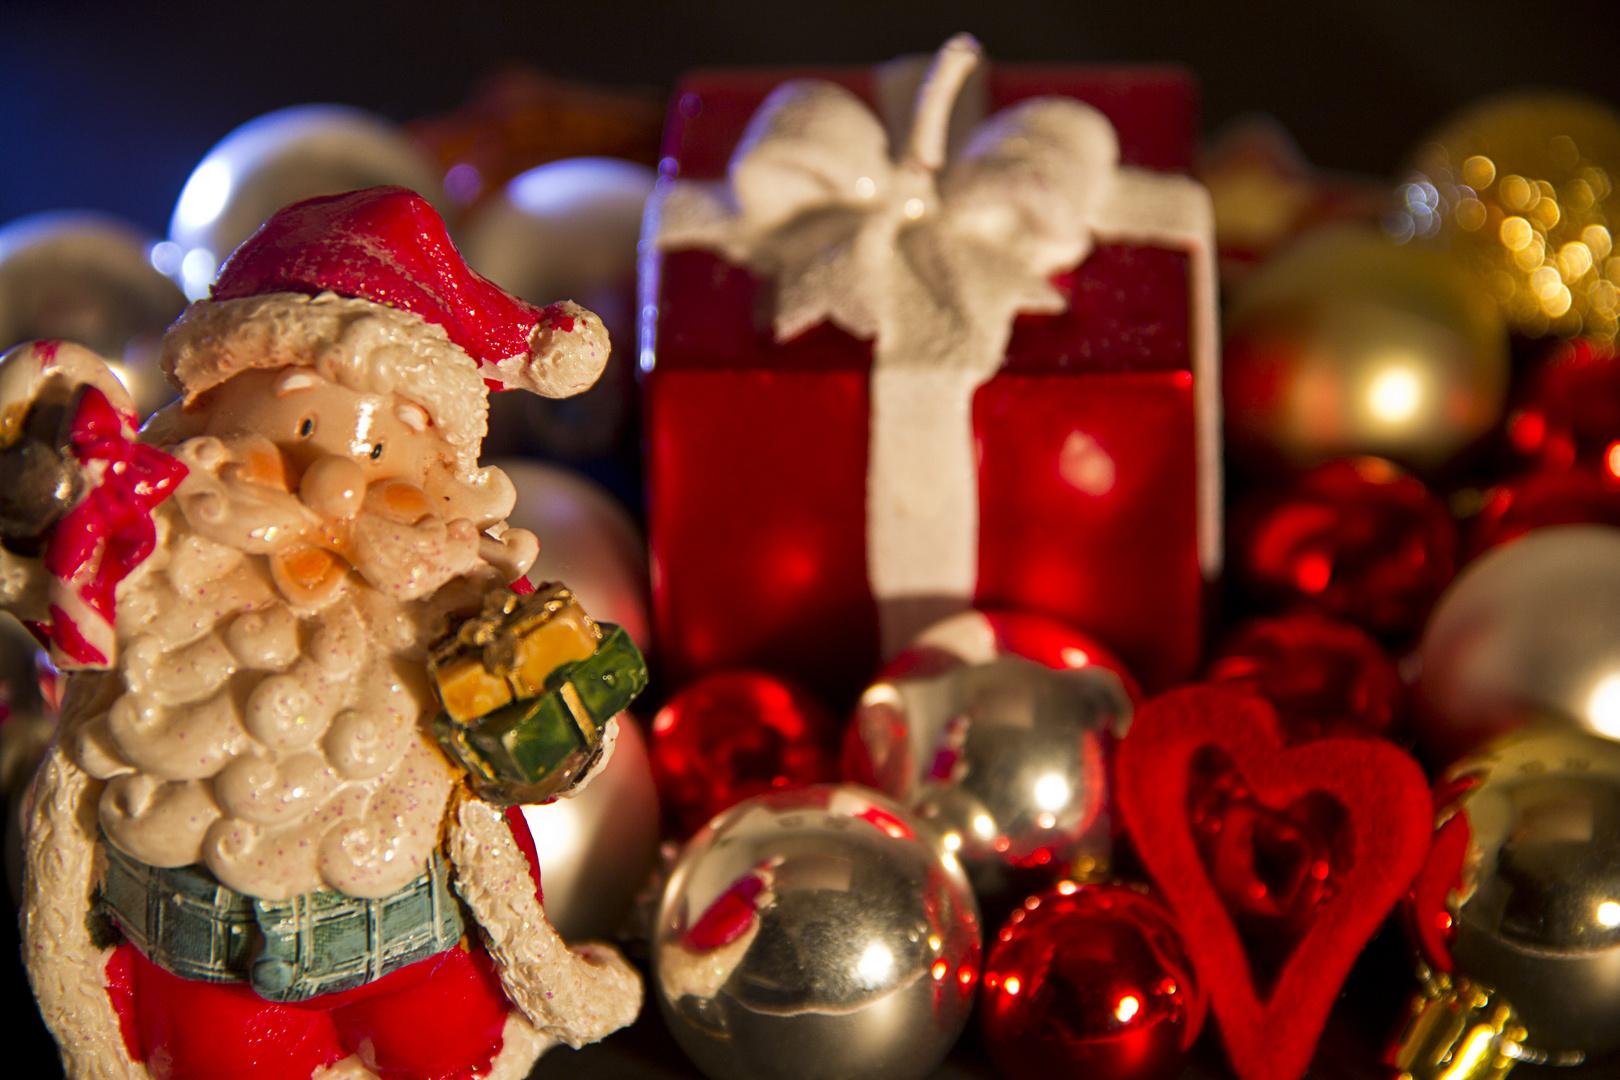 Der Weihnachtsmann und seine Geschenke